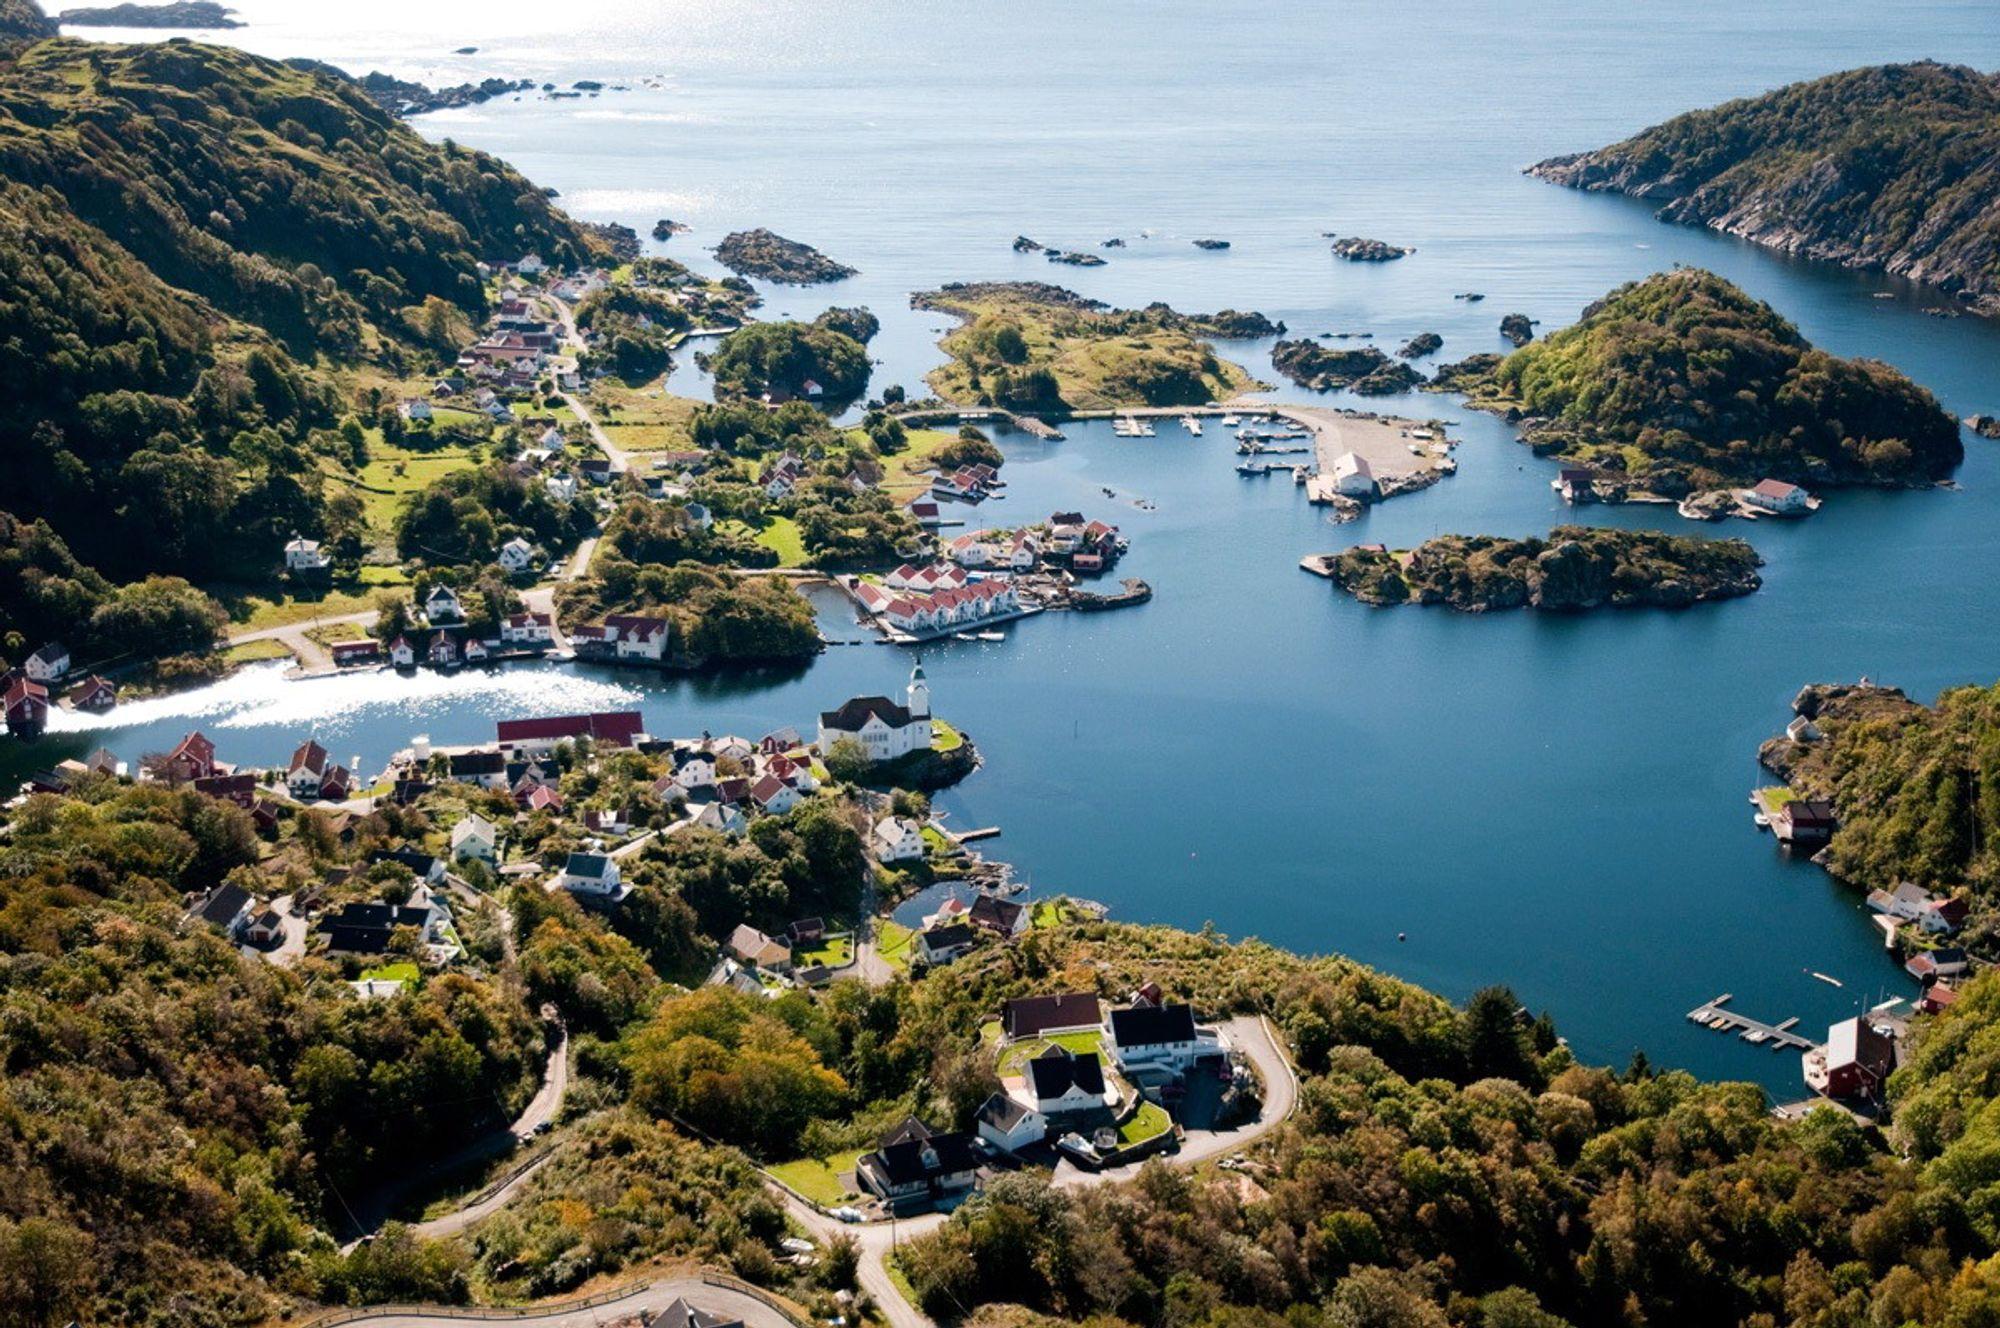 kontaktannonser norge Flekkefjord